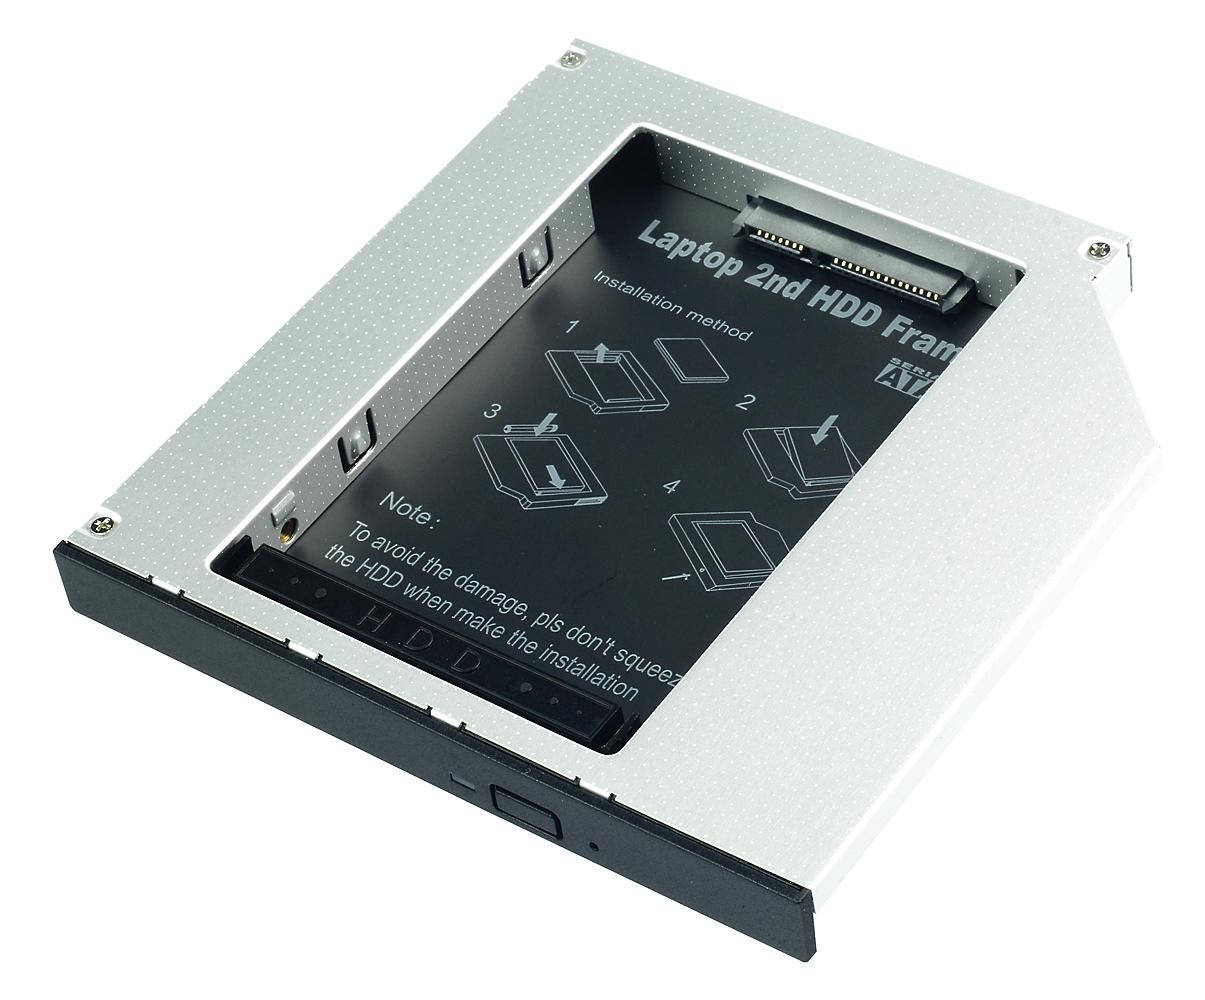 SATA SSD/HDD Adapter für CD/DVD/BD-Slimlaufwerk 12,7mm